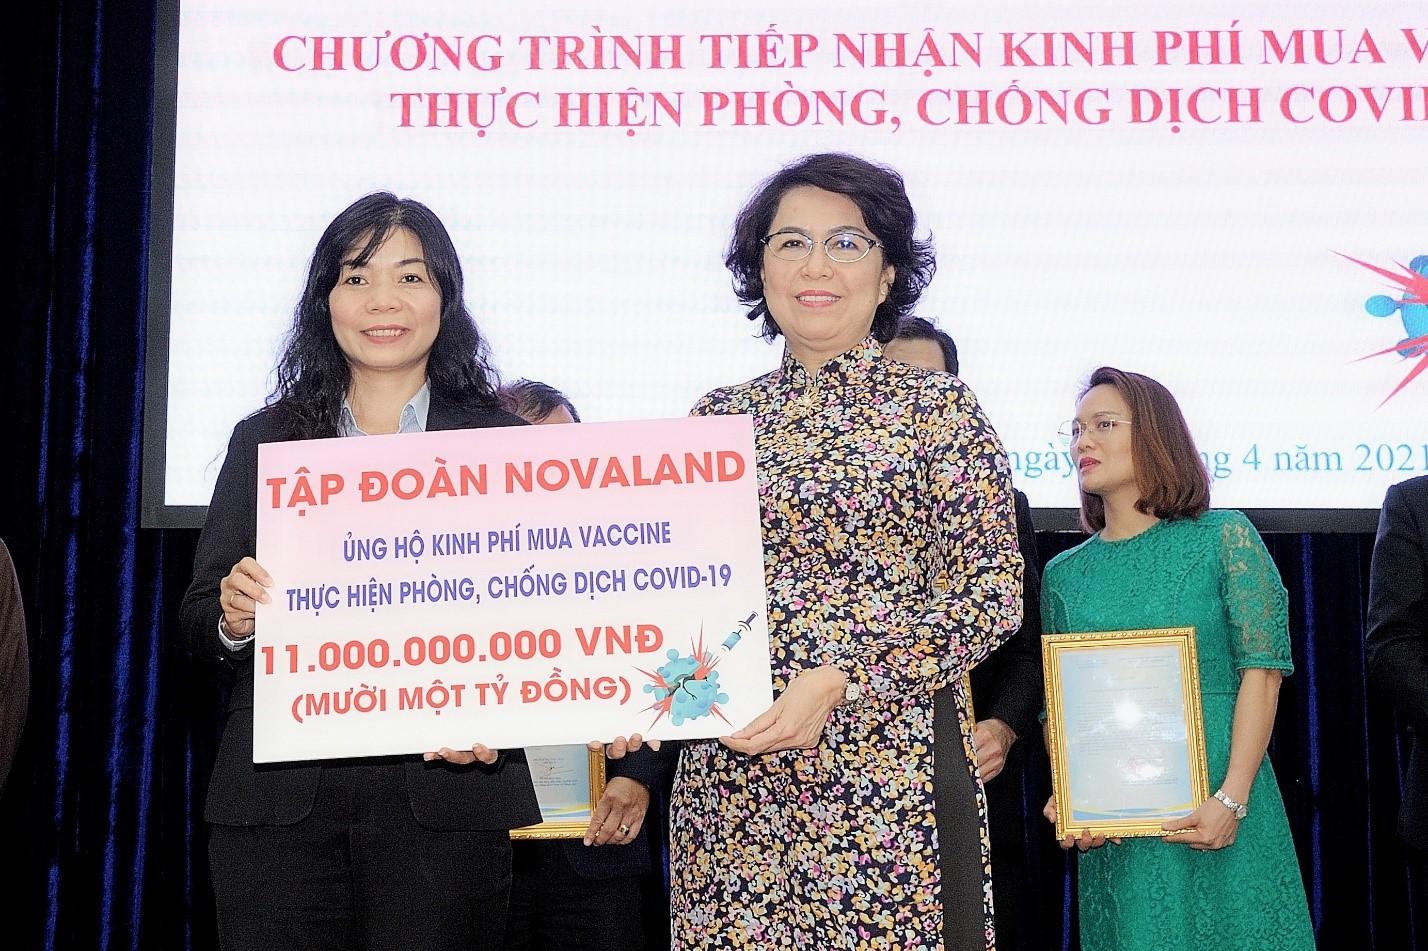 Bà Tô Thị Bích Châu, Ủy viên Ban Thường vụ Thành ủy, Chủ tịch Ủy ban Mặt trận Tổ quốc Việt Nam TPHCM đón nhận khoản kinh phí ủng hộ từ đại diện Tập đoàn Novaland. Ảnh: Novaland